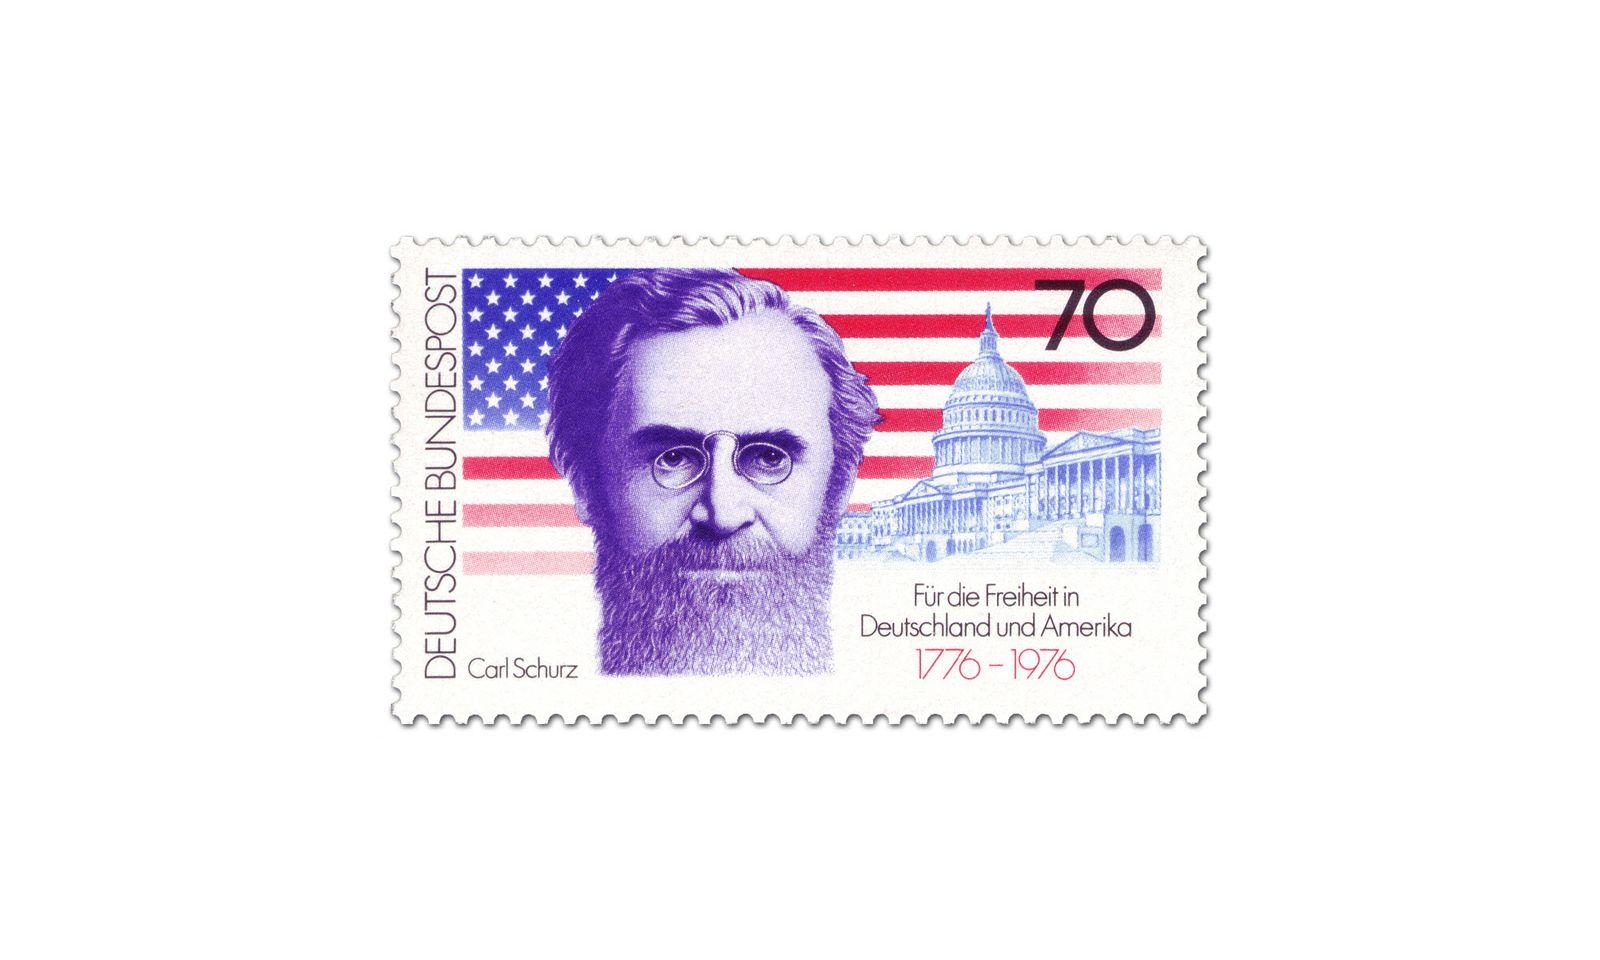 EINMALIGE VERWENDUNG Briefmarke: Carl Schurz vor Sternenbanner und Capitol